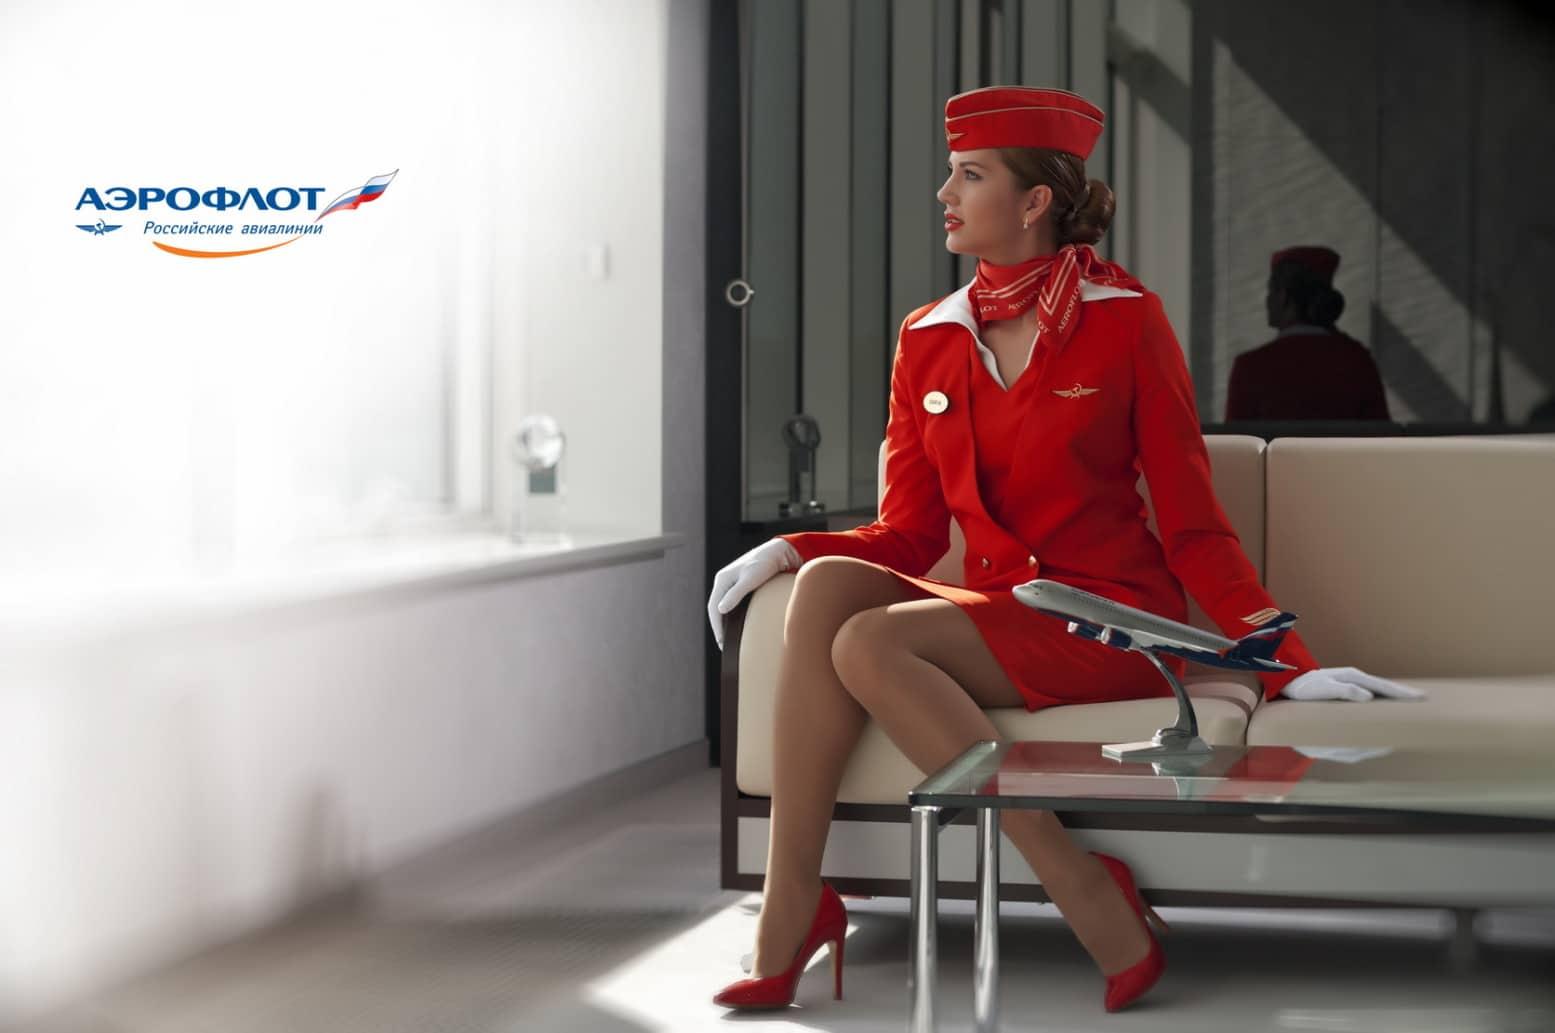 календарь аэрофлот - деловой портрет менеджмент